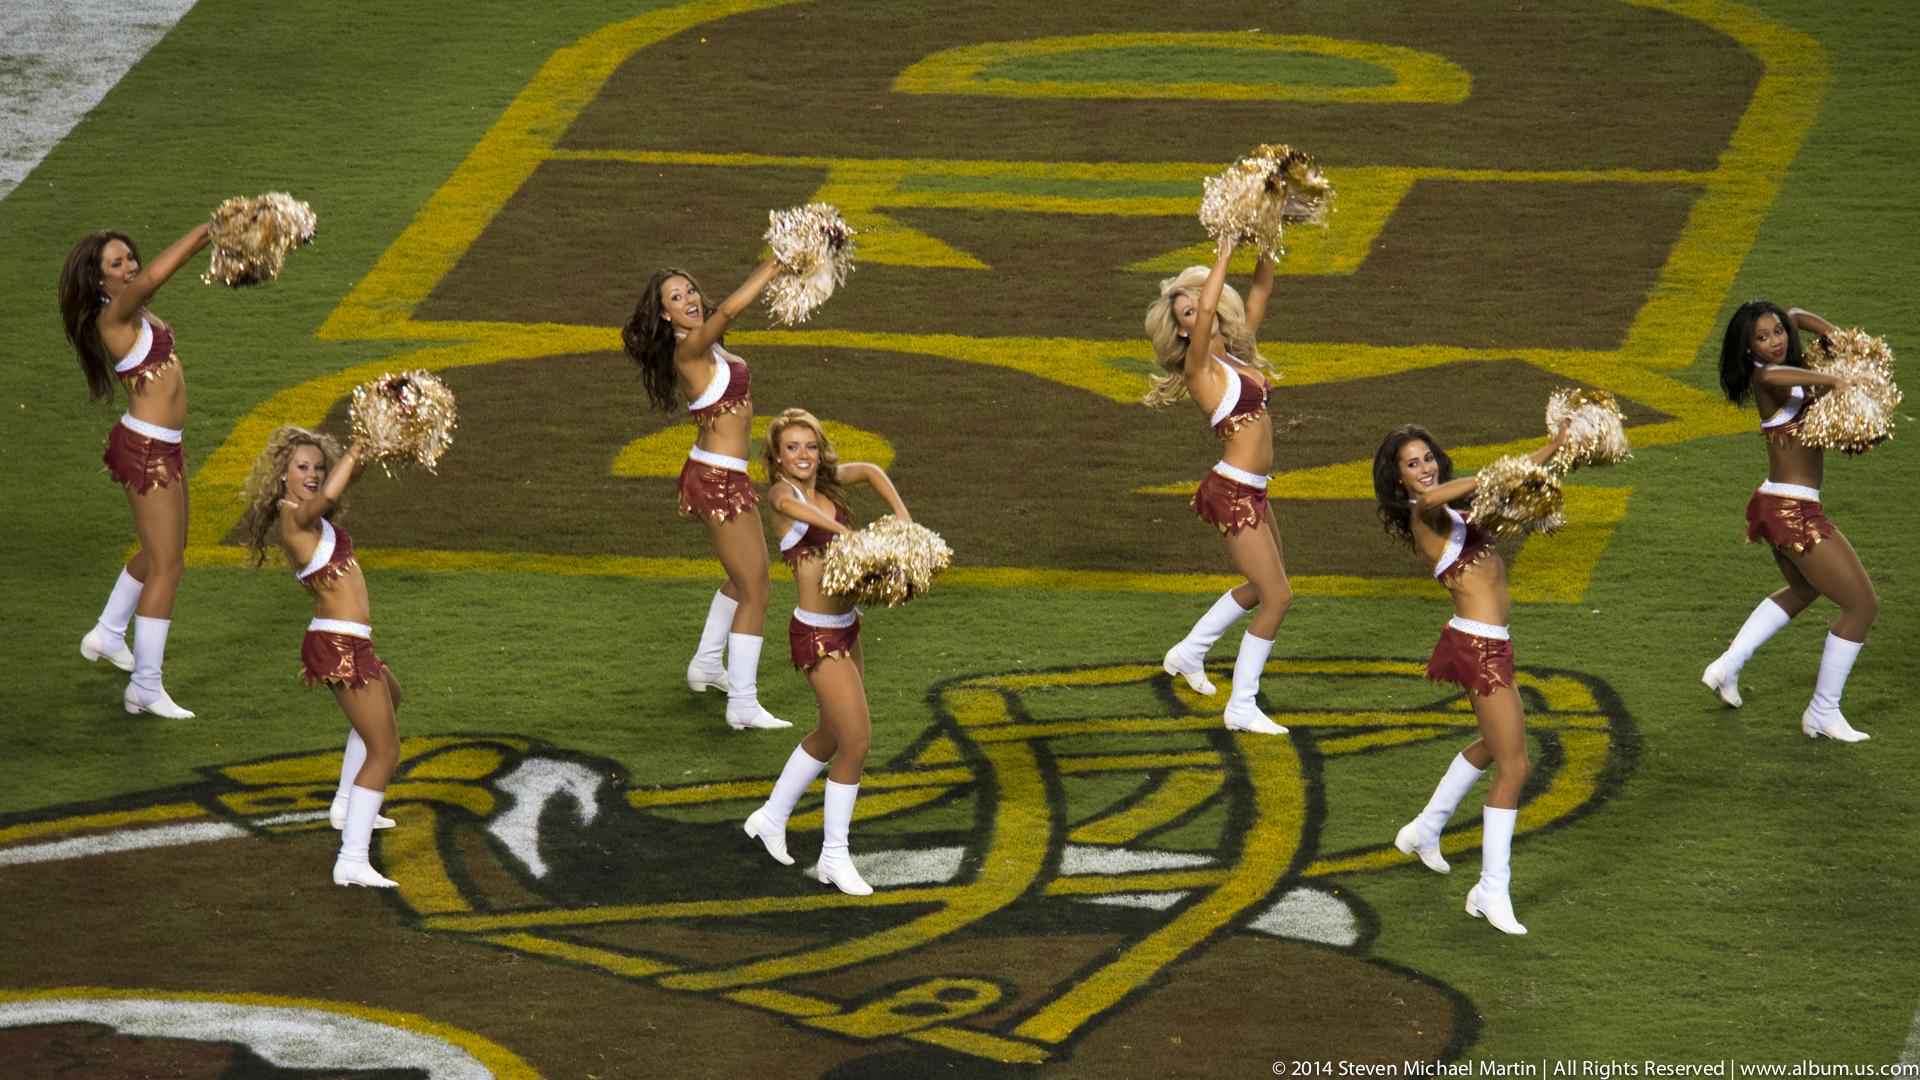 SMartin_2014 Patriots Redskins_20140807_015